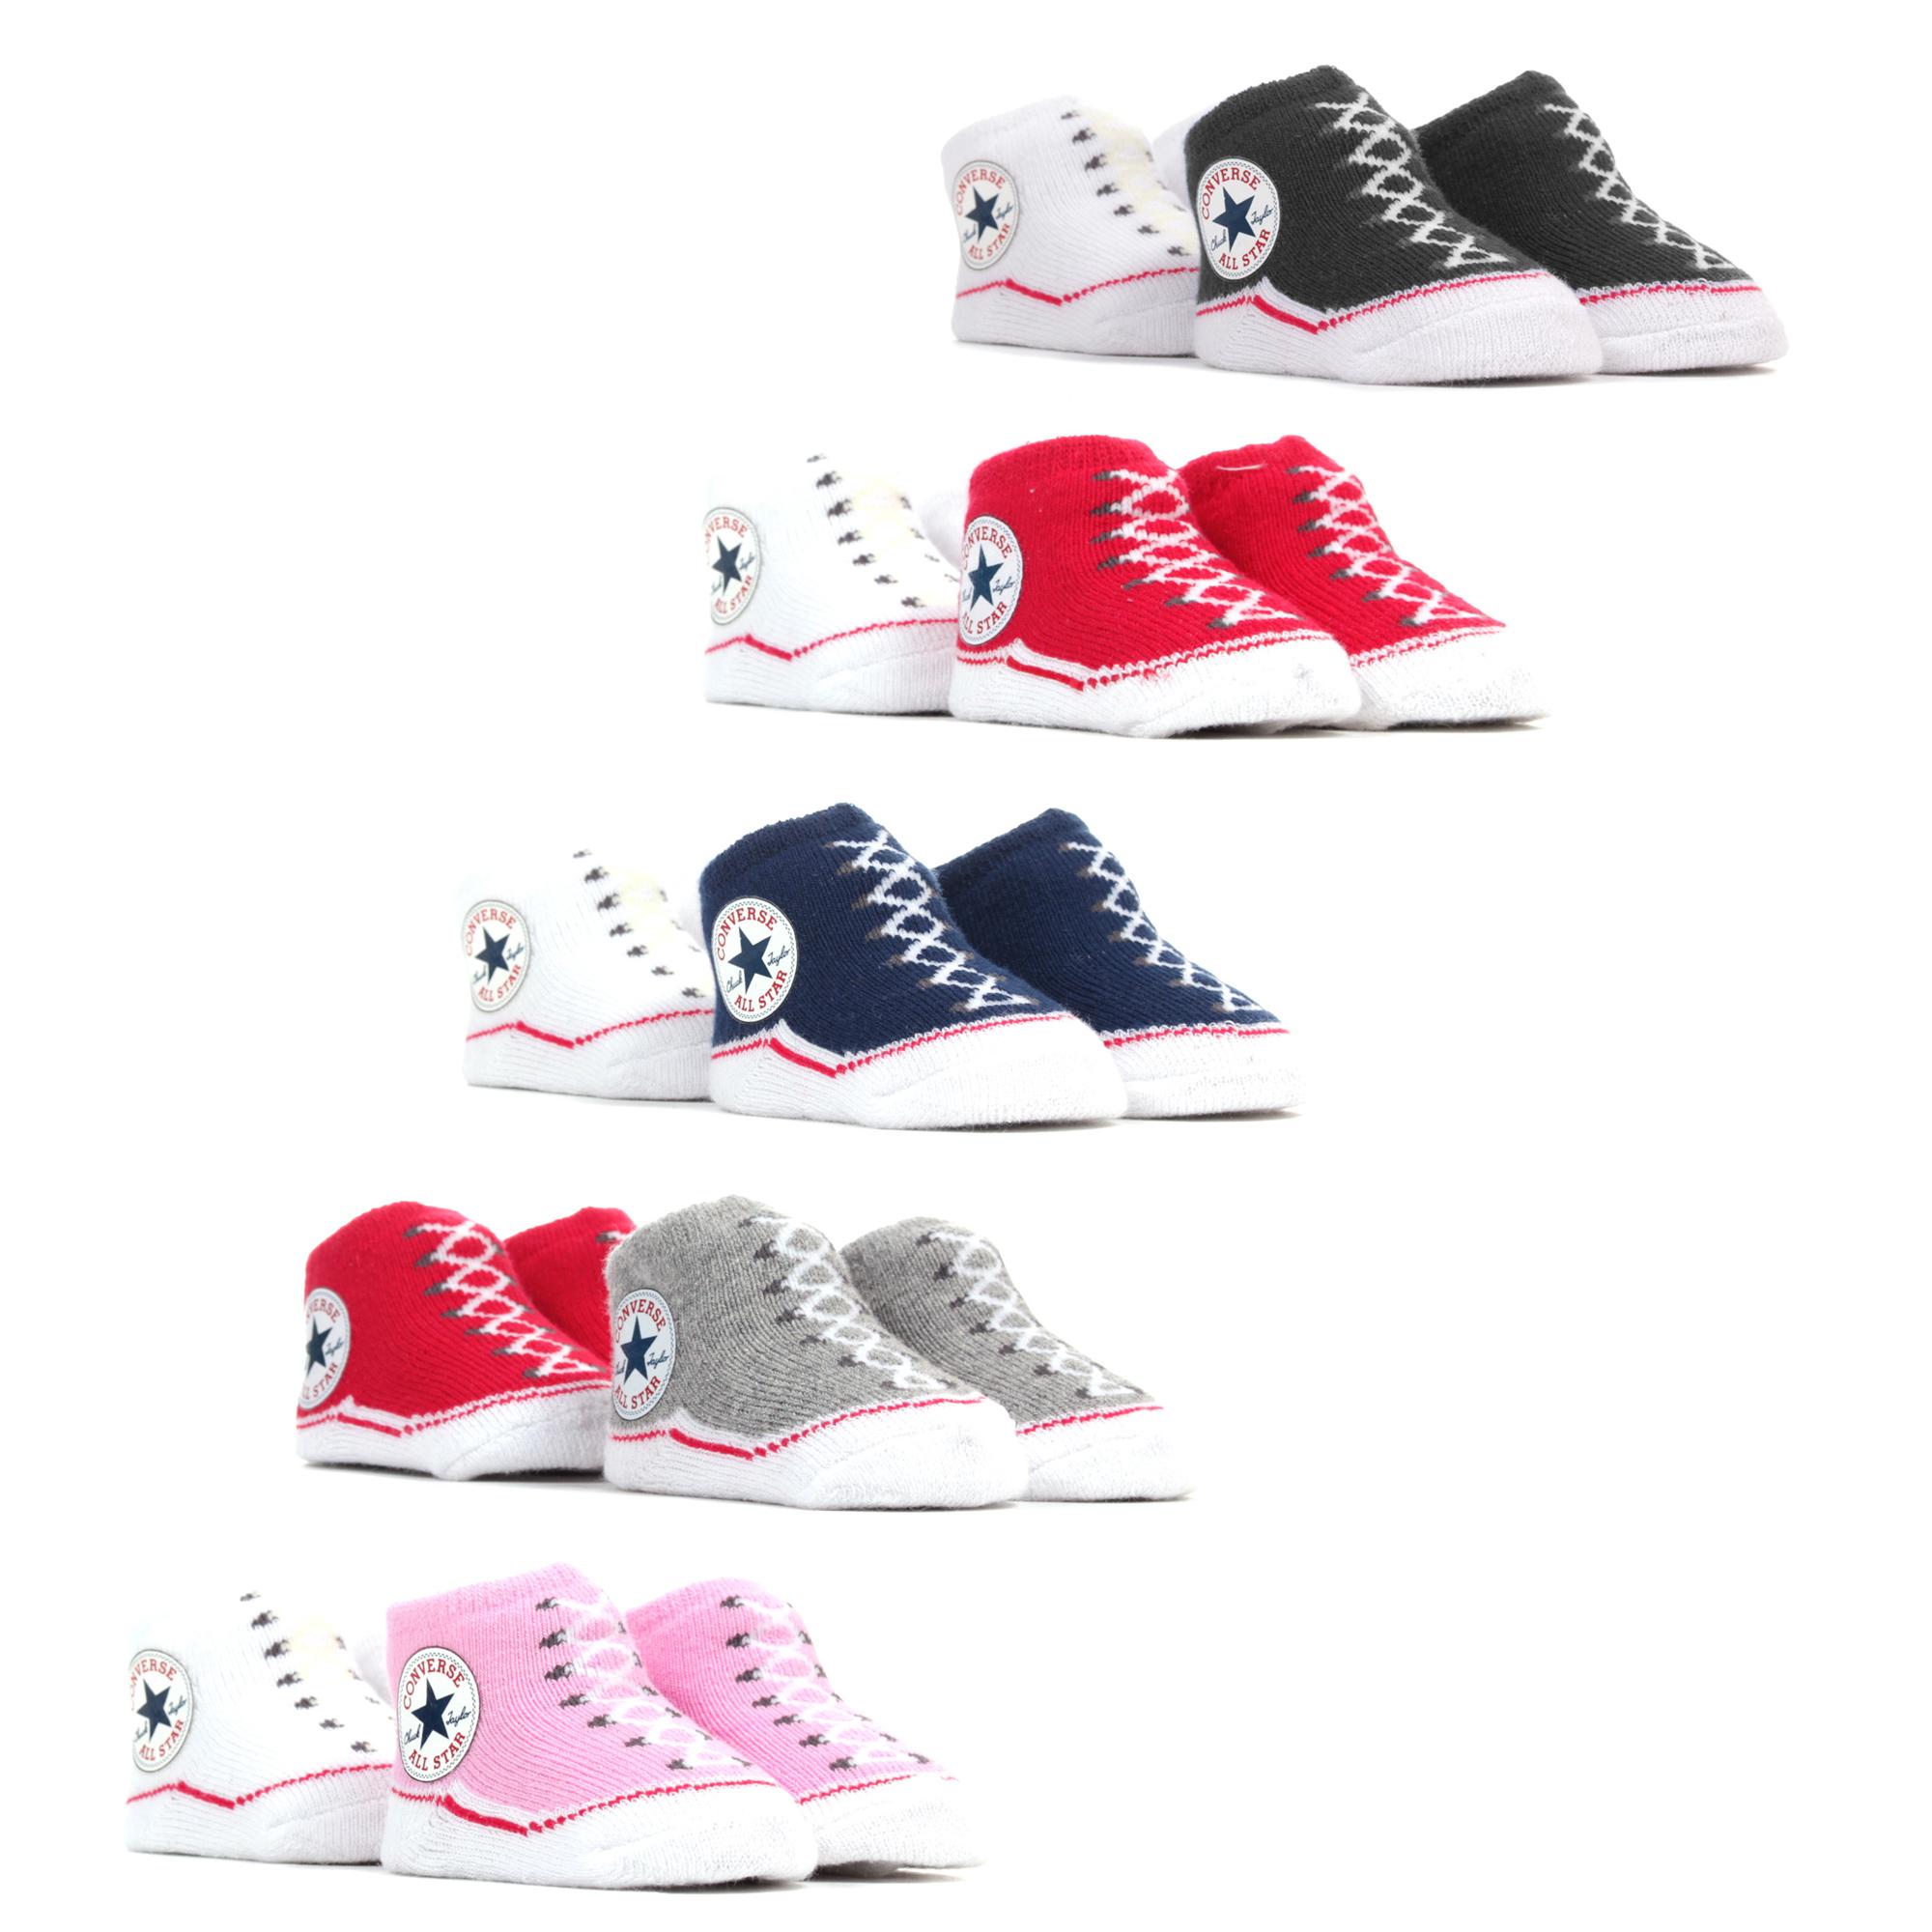 Converse Baby Socken für Jungen günstig kaufen | eBay